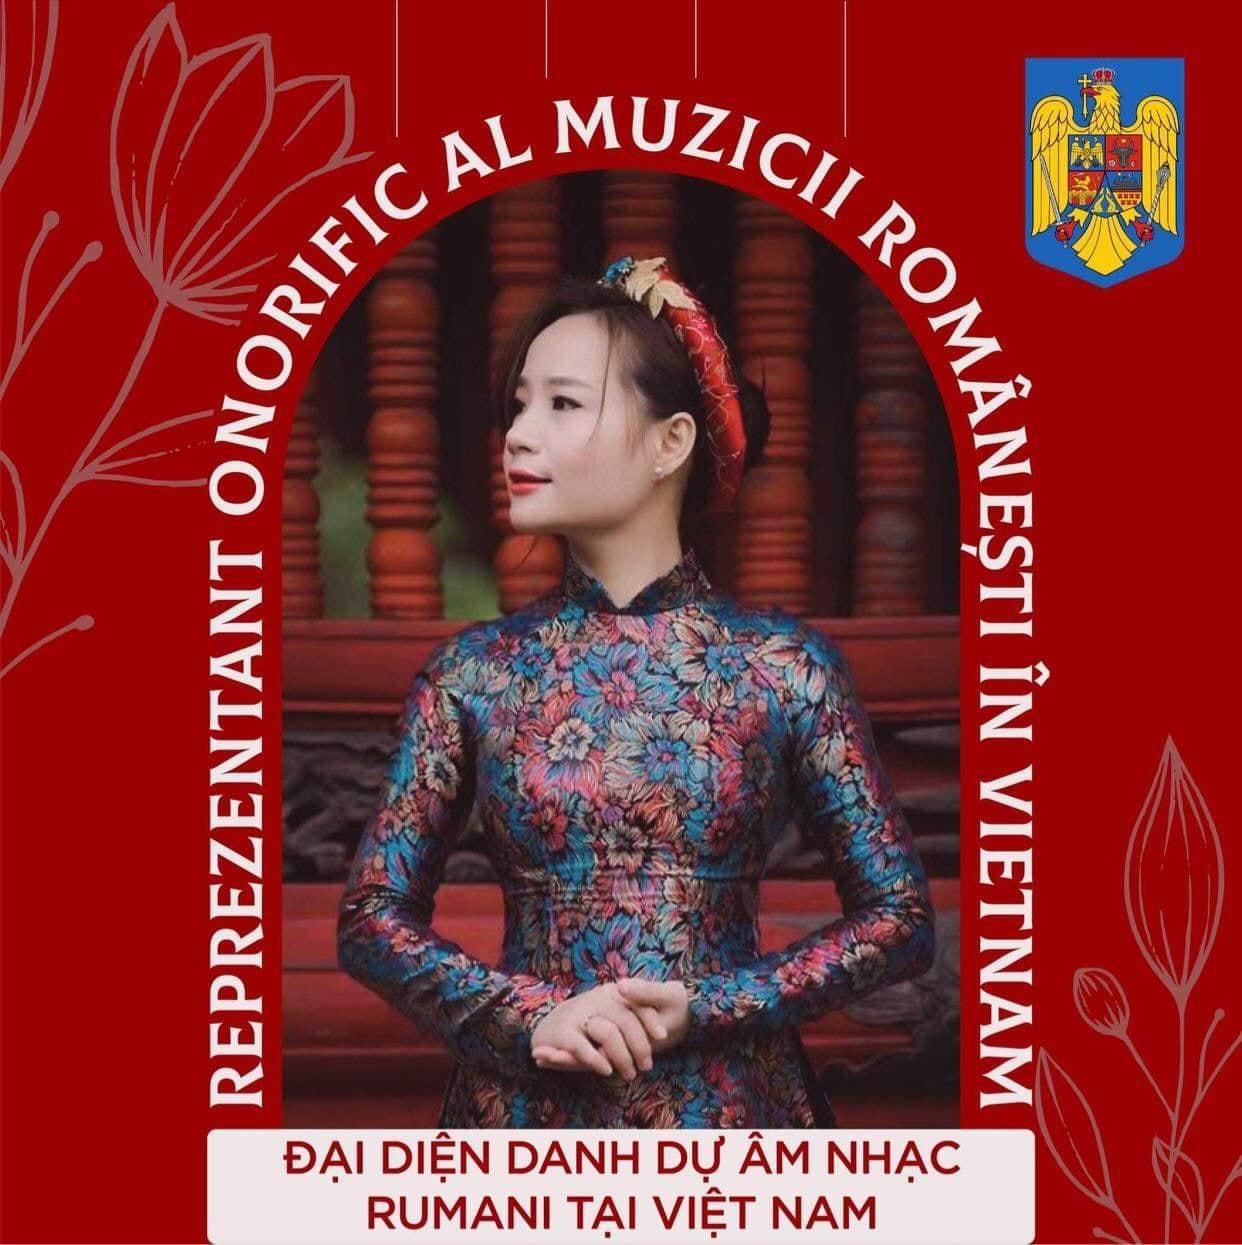 Đại sứ Rumani tổ chức hòa nhạc online cổ vũ Việt Nam chống dịch - Ảnh 1.